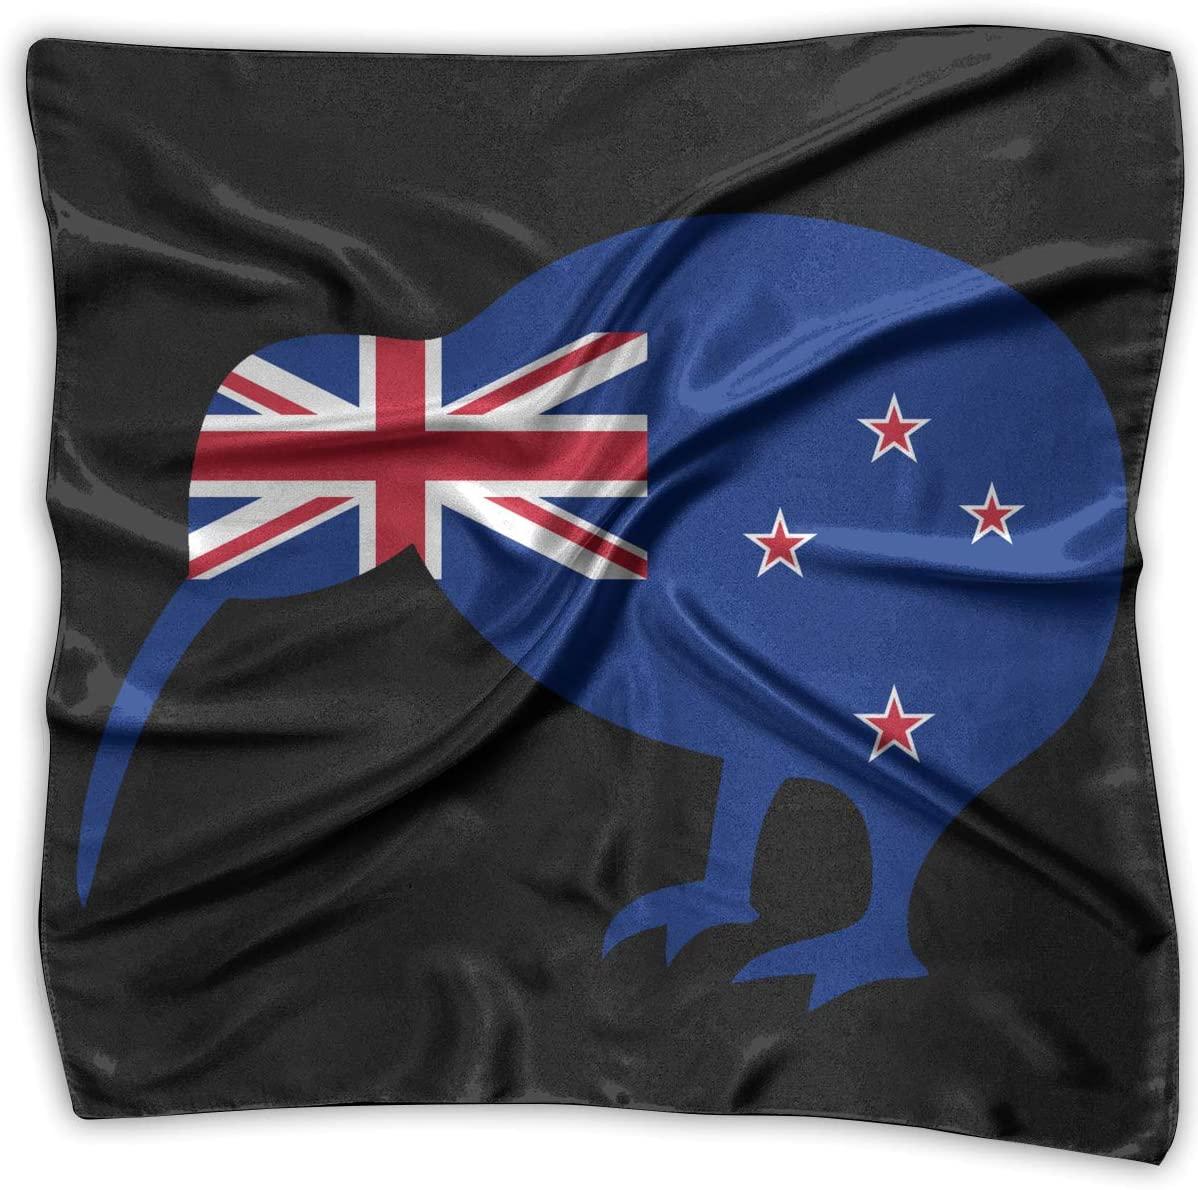 WFIRE New Zealand Kiwi Bird Square Handkerchiefs Scarf Shawl Bandanas Headscarf Neckerchief Tie Hair Scarf